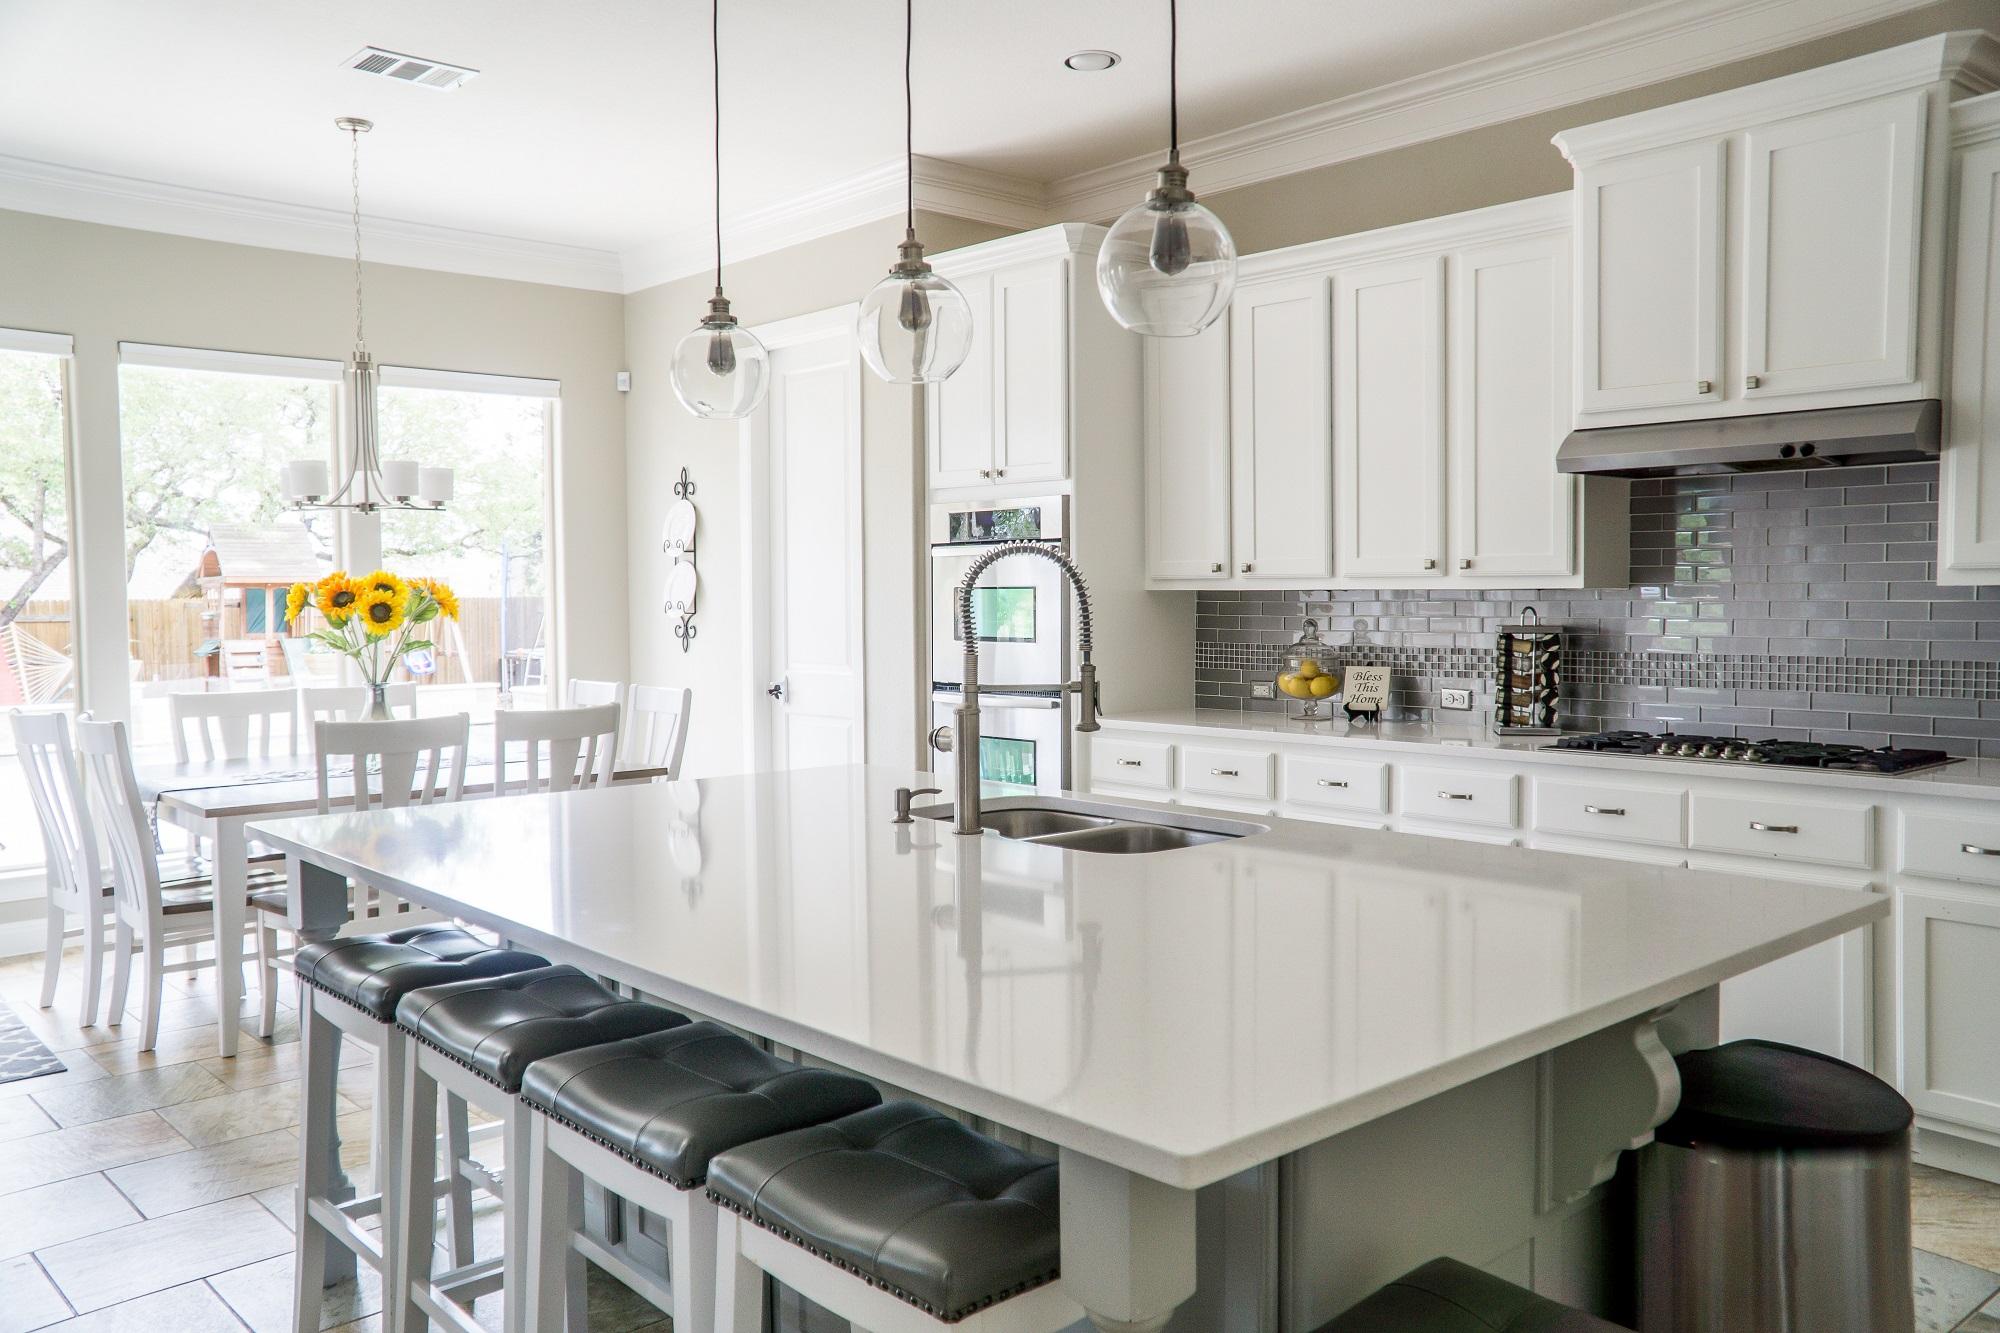 Cómo limpiar los muebles de la cocina para que quede impecable